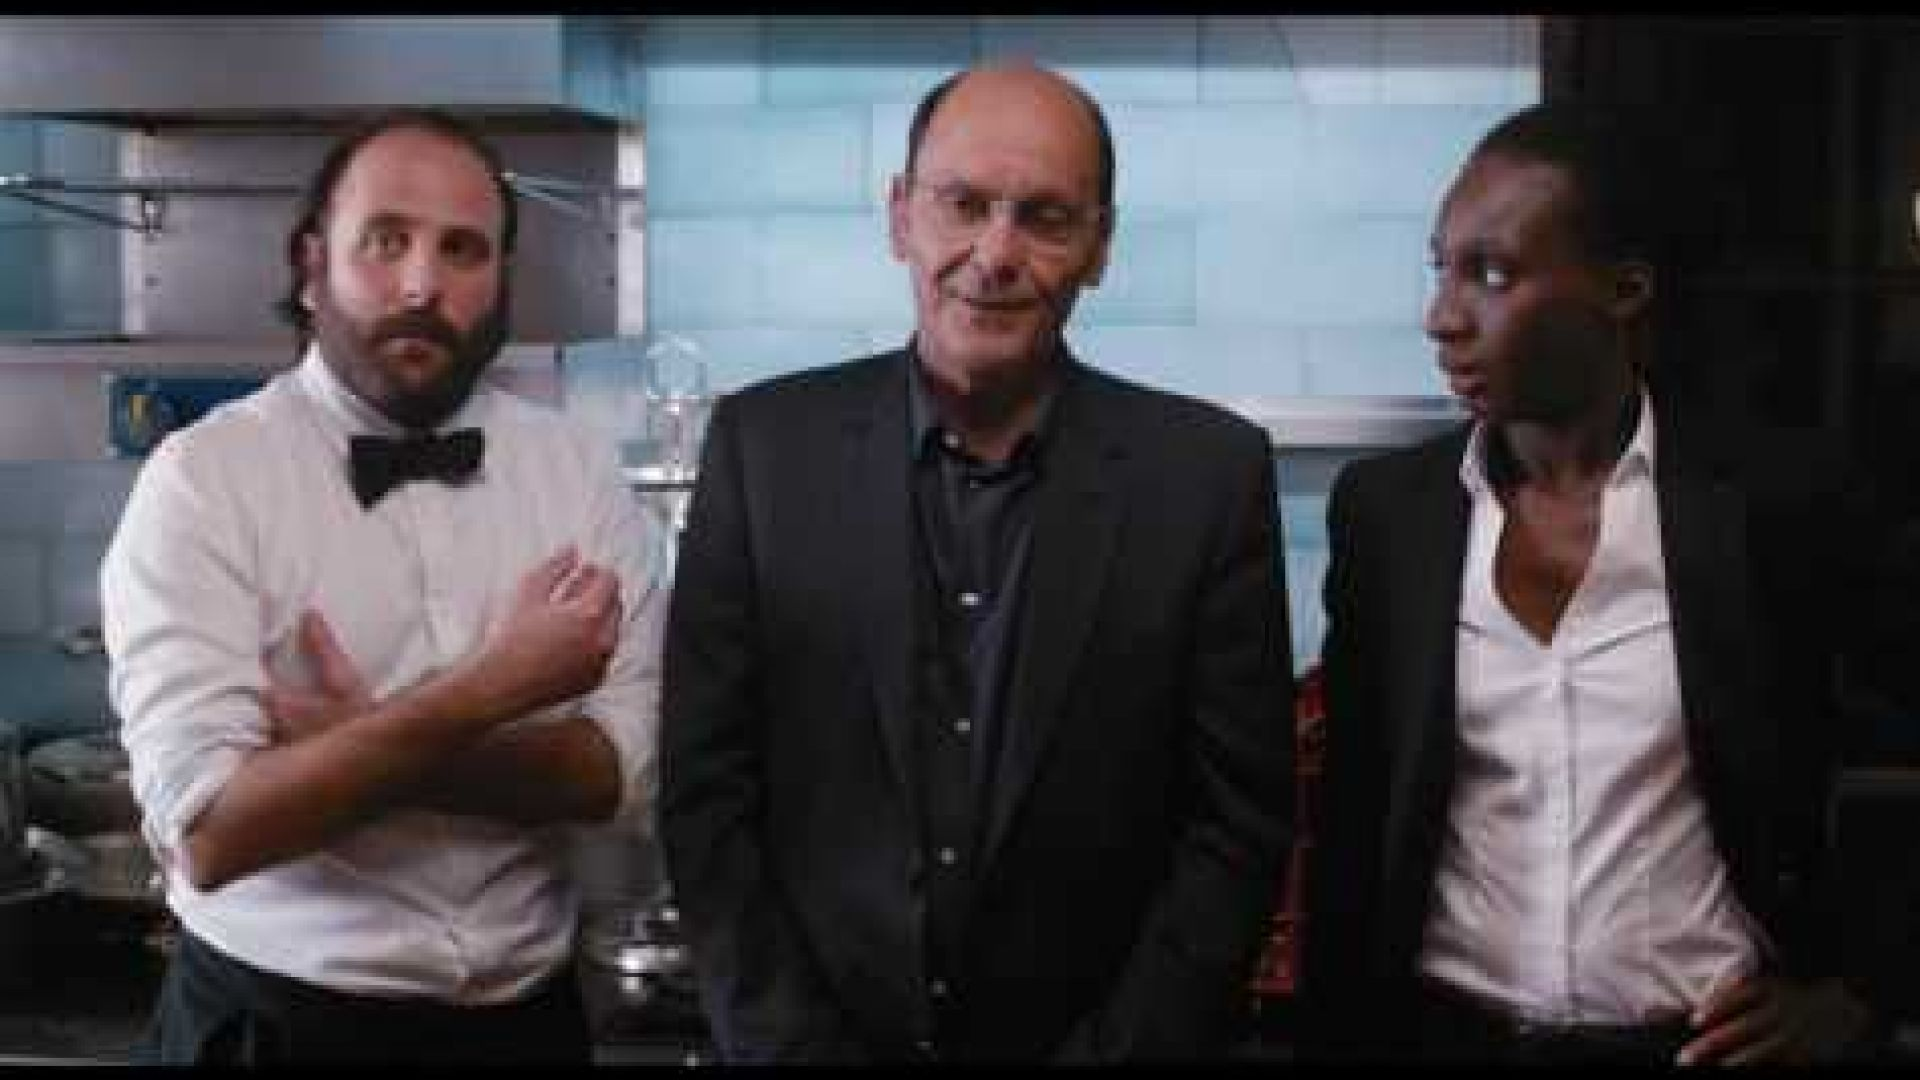 'C'est La Vie!' trailer